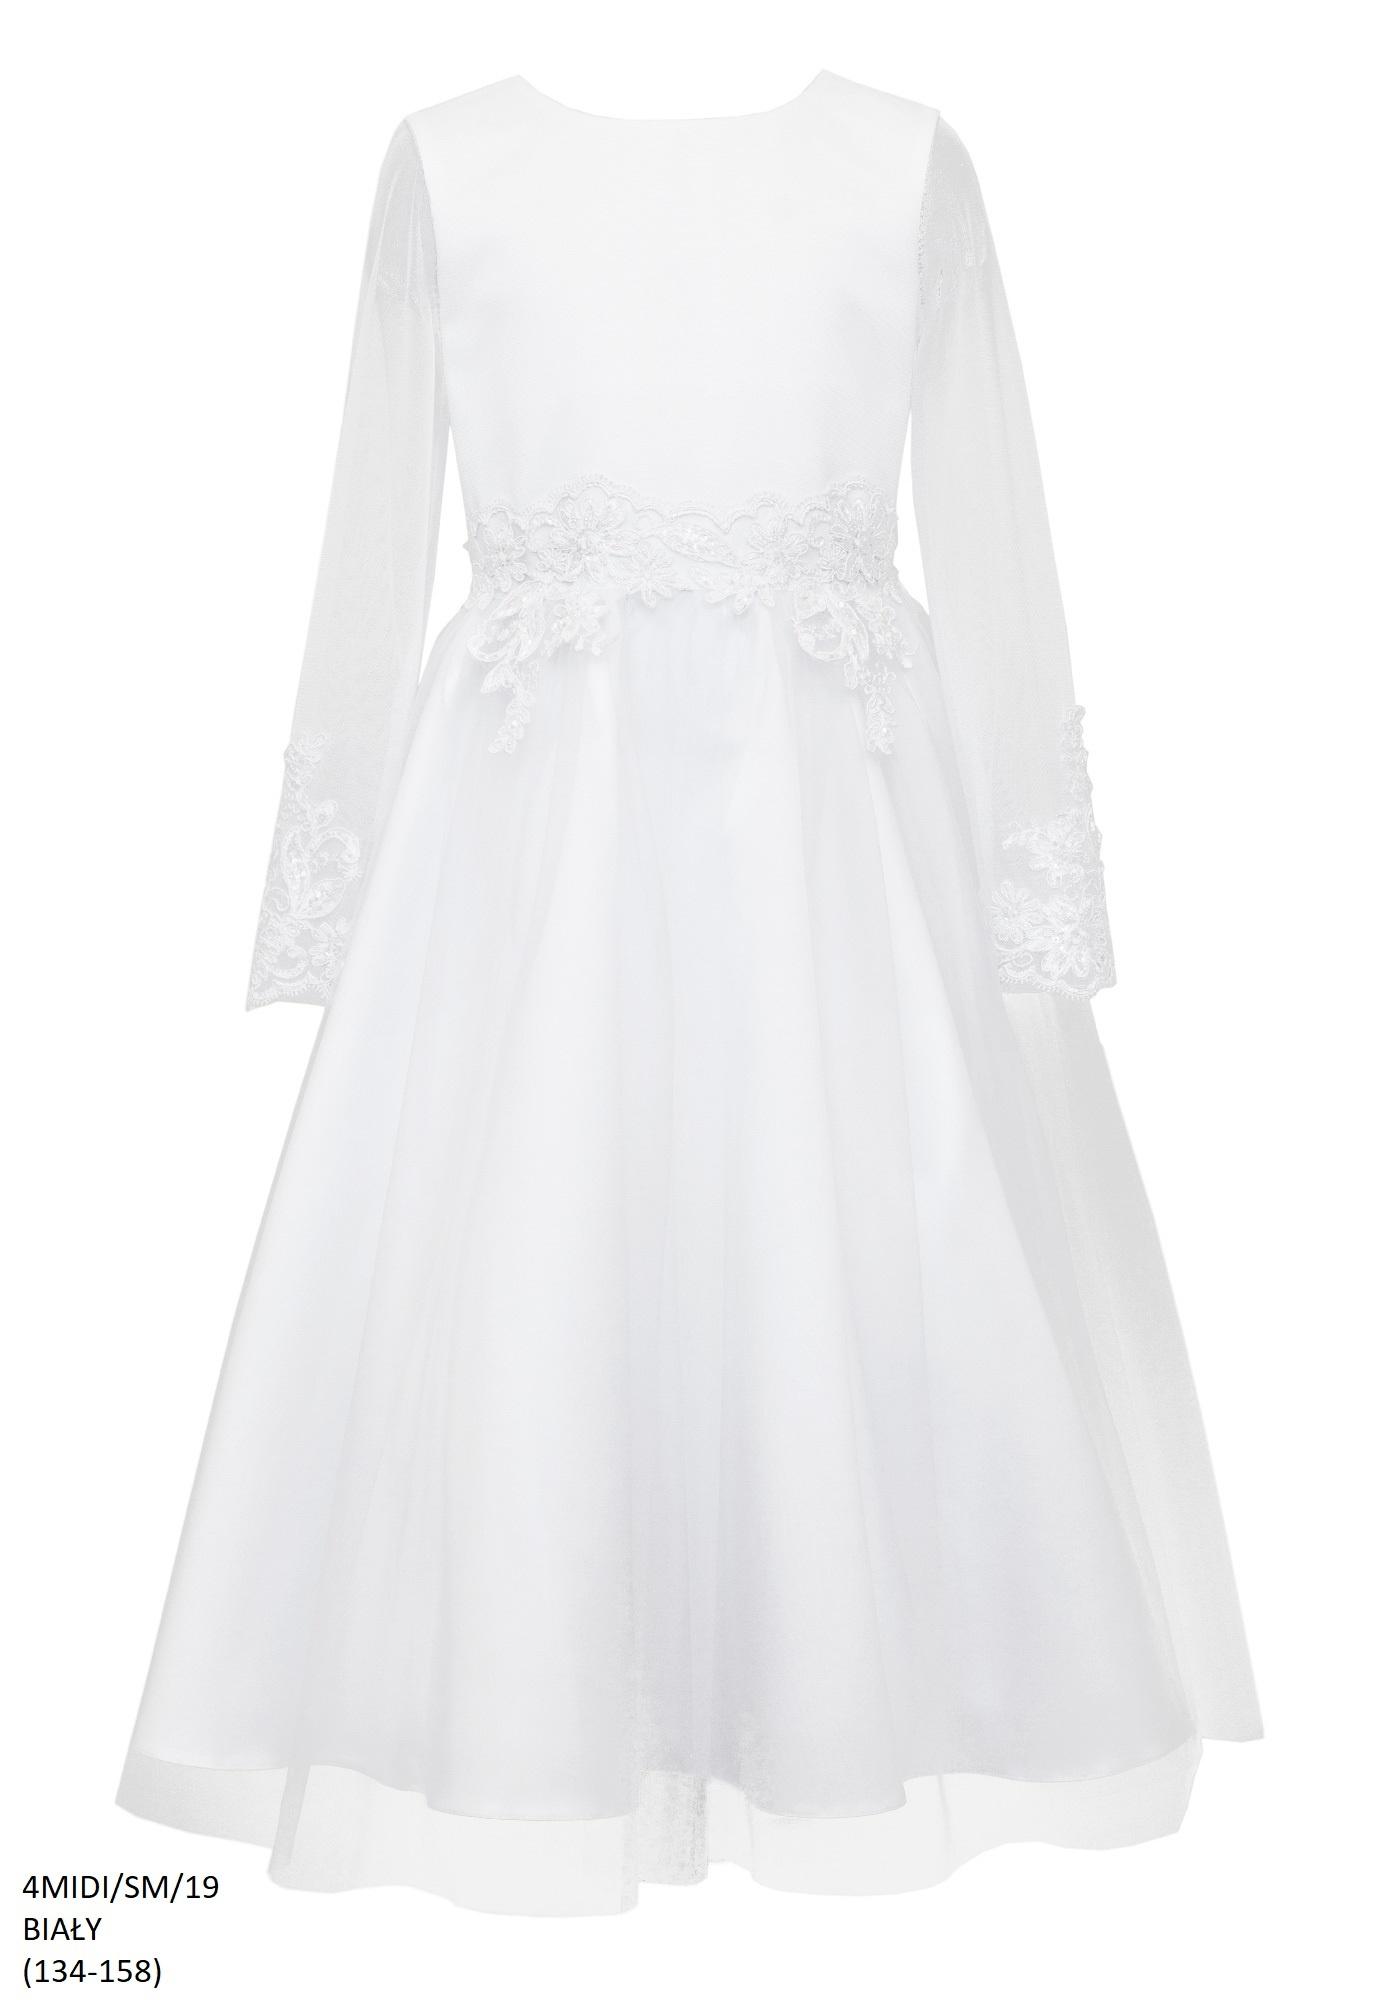 73ab85fec5 białe sukienki dla dziewczynek